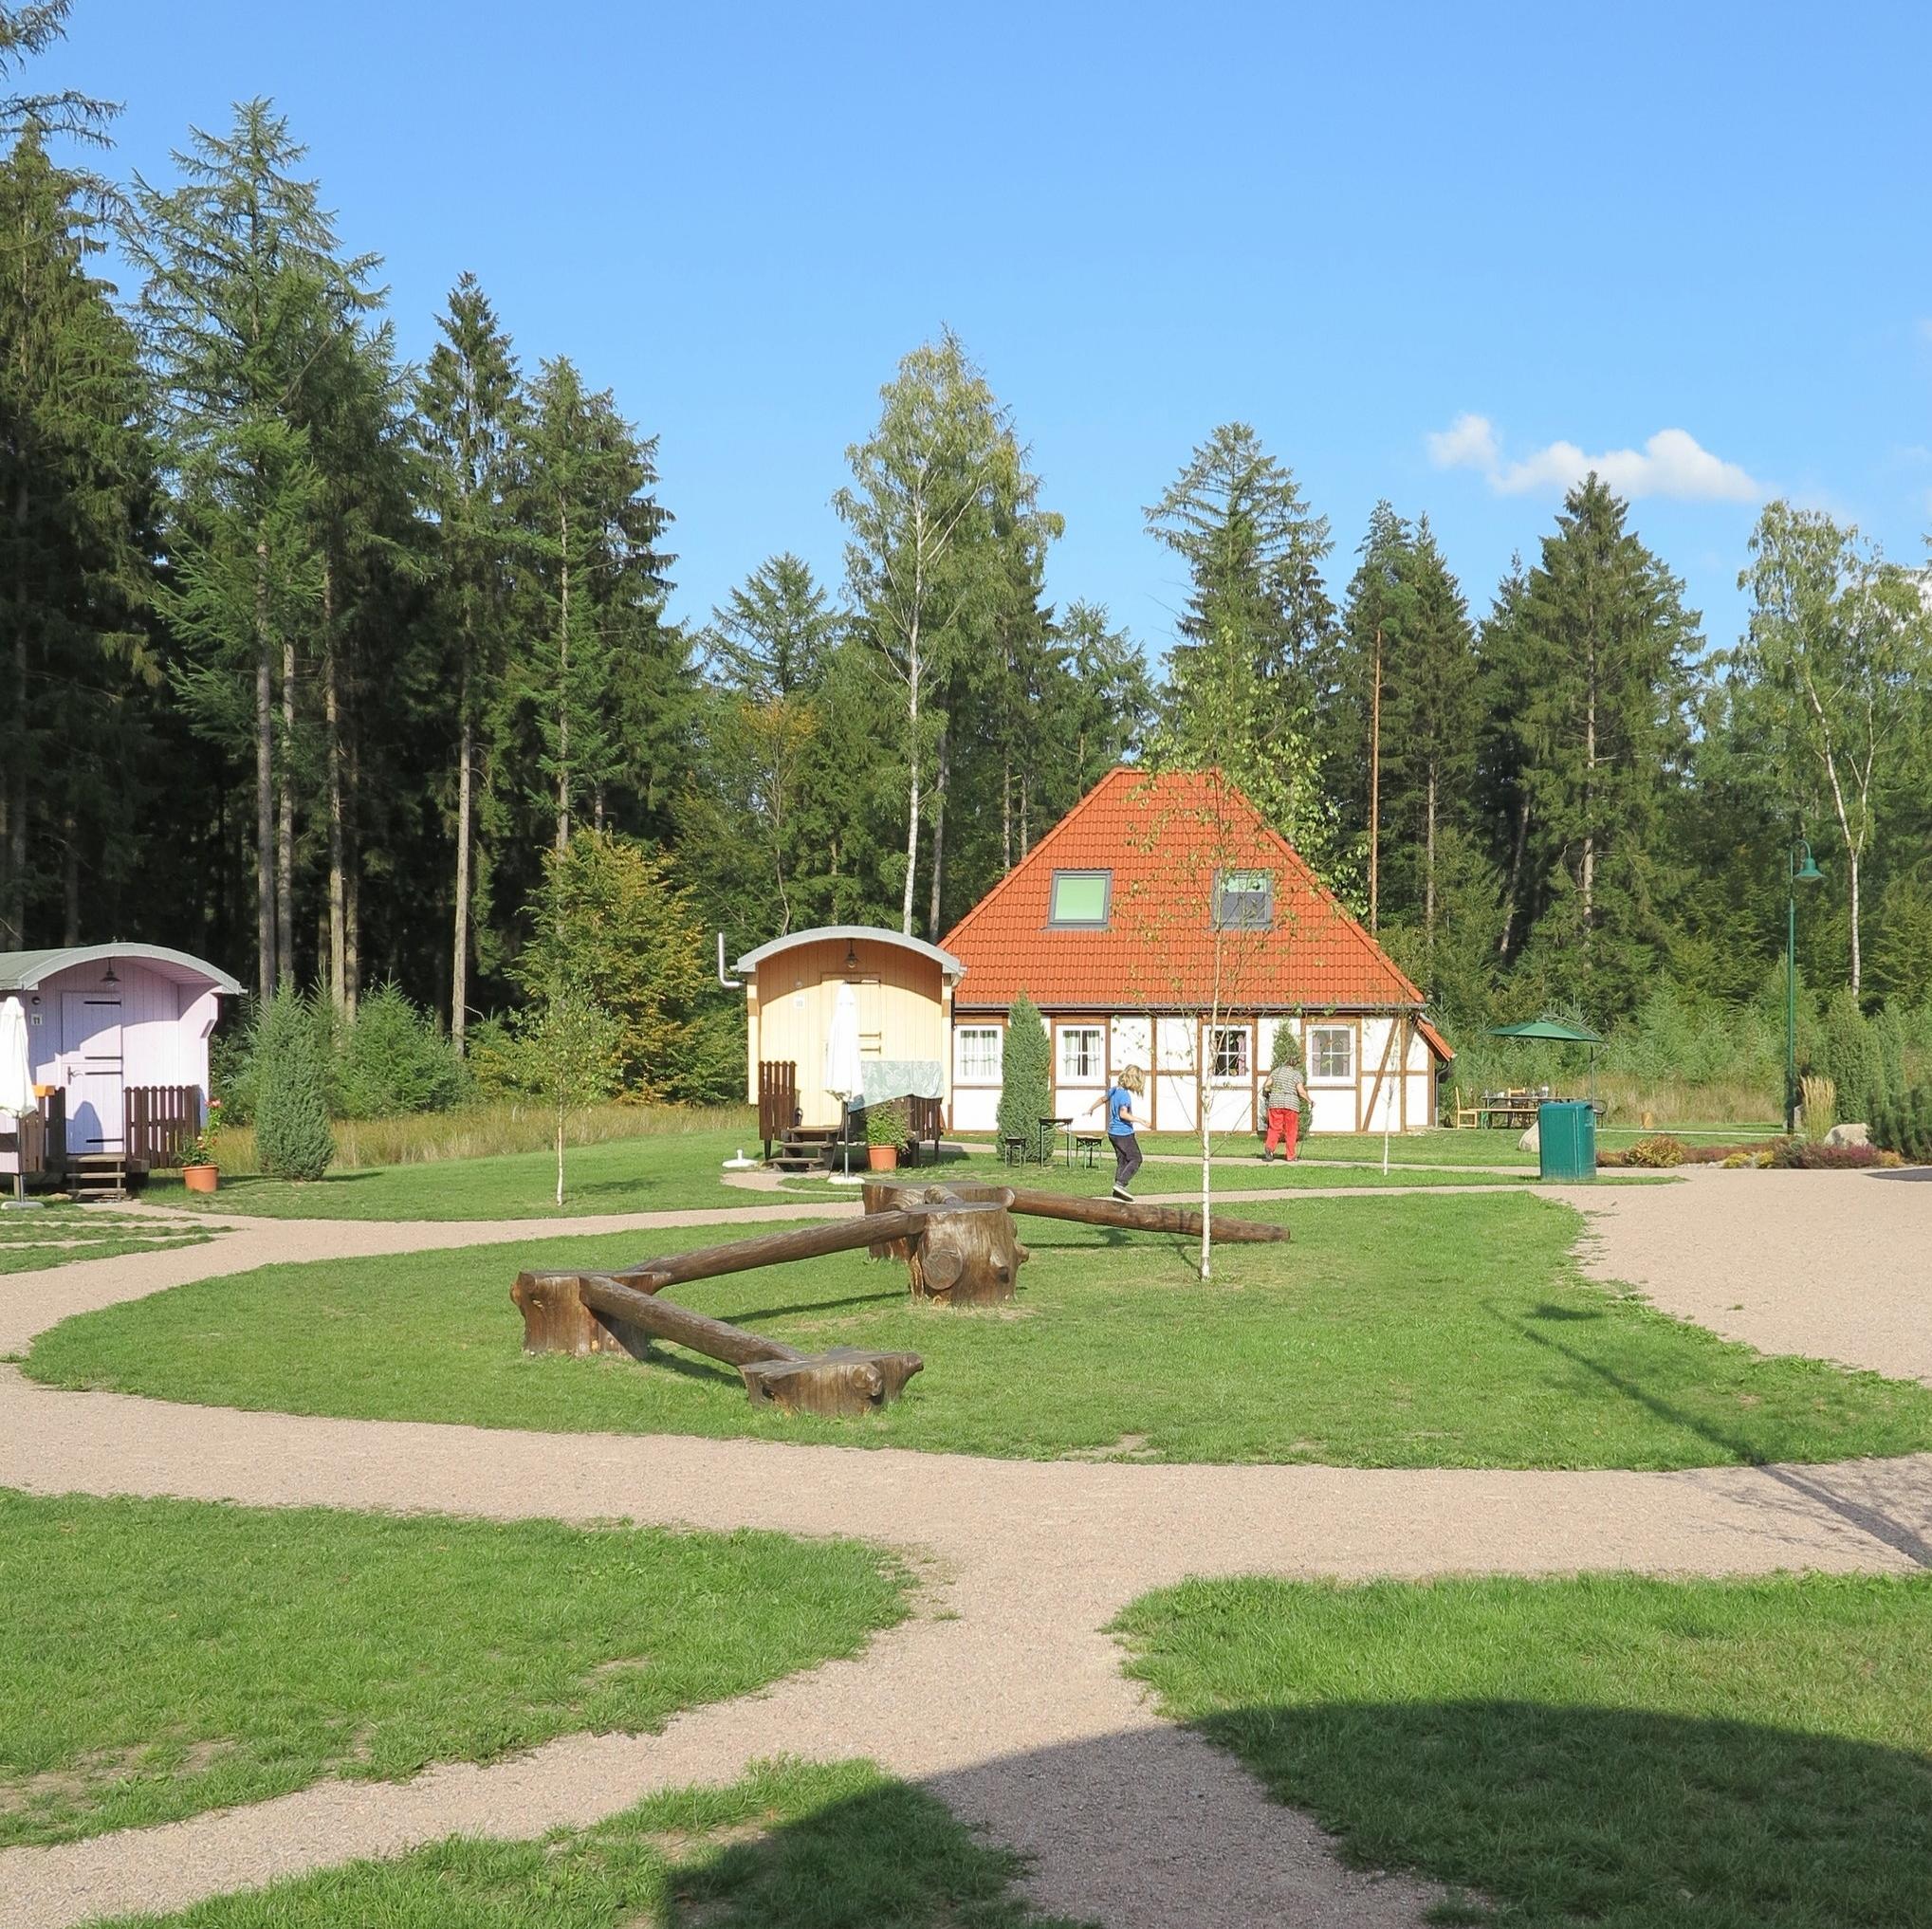 In der Mitte des Schäferdorfes kann man herrlich balancieren üben